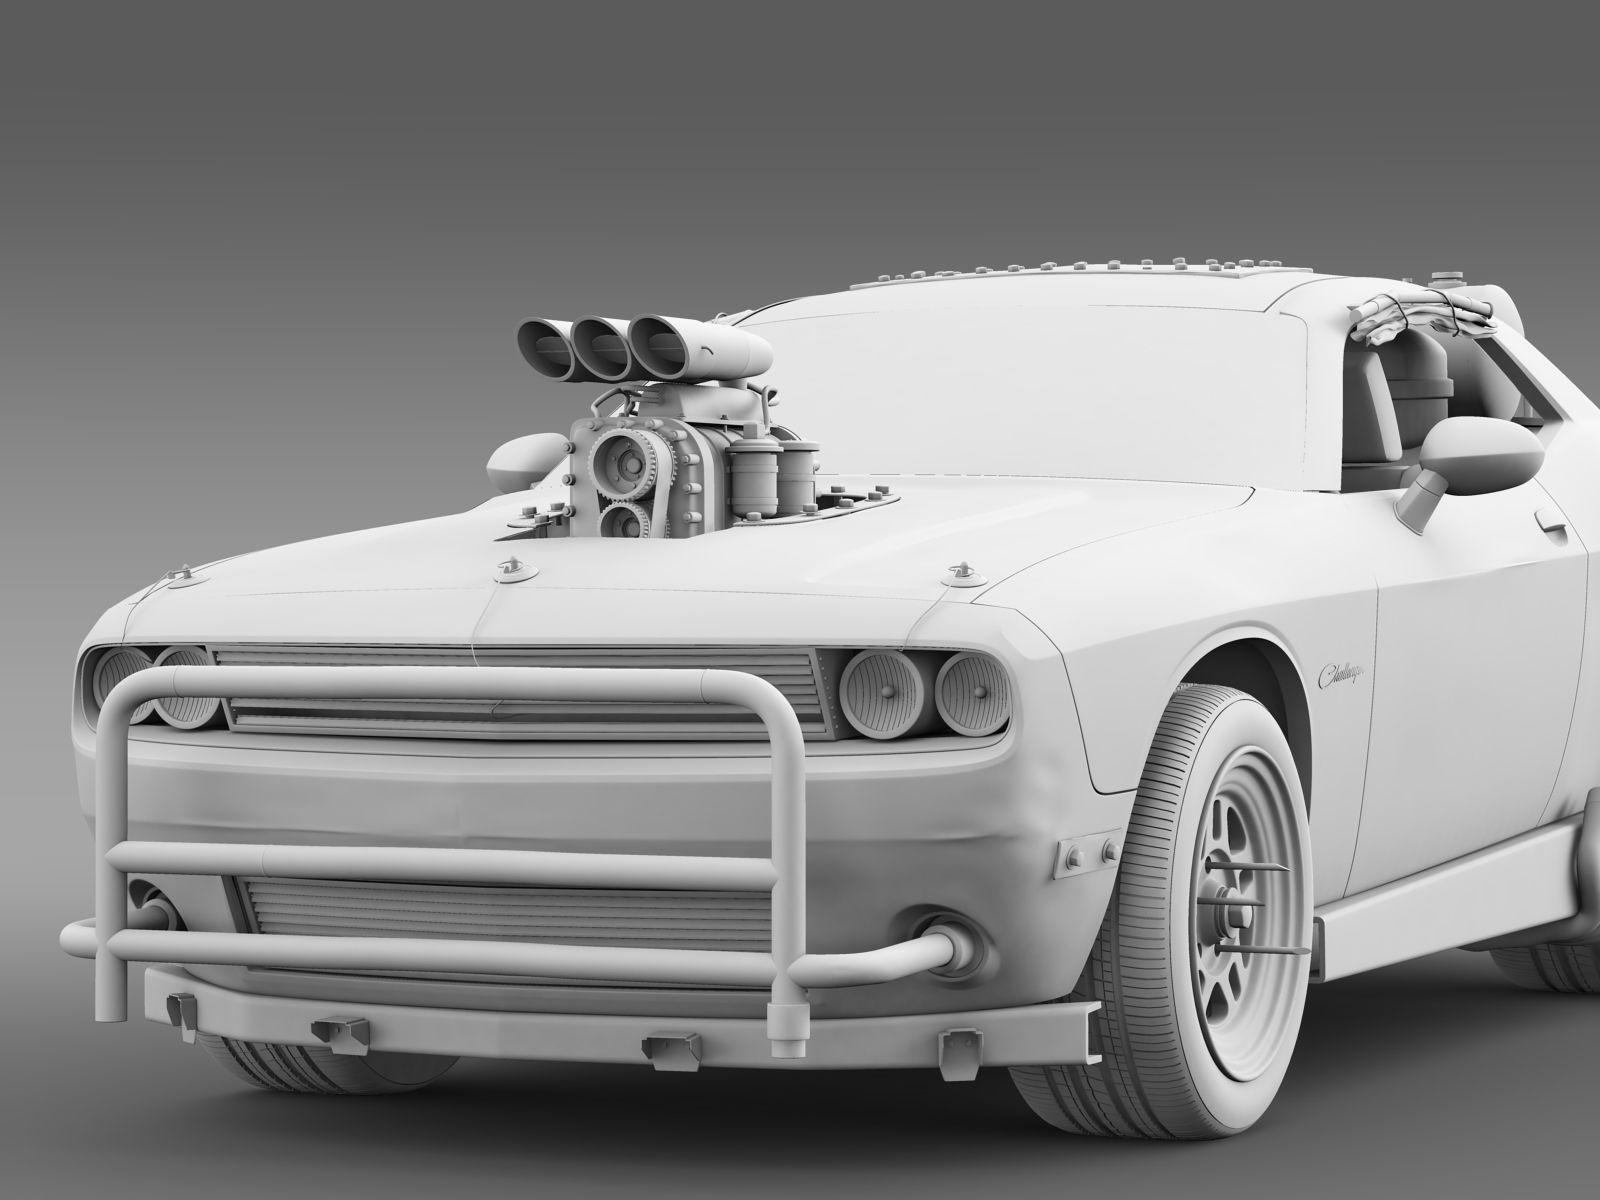 Mad Max Fight Interceptor Dodge Challenger 2015 3d Model Obj Mtl Engine Diagram 3ds Fbx C4d Lwo Lw Lws